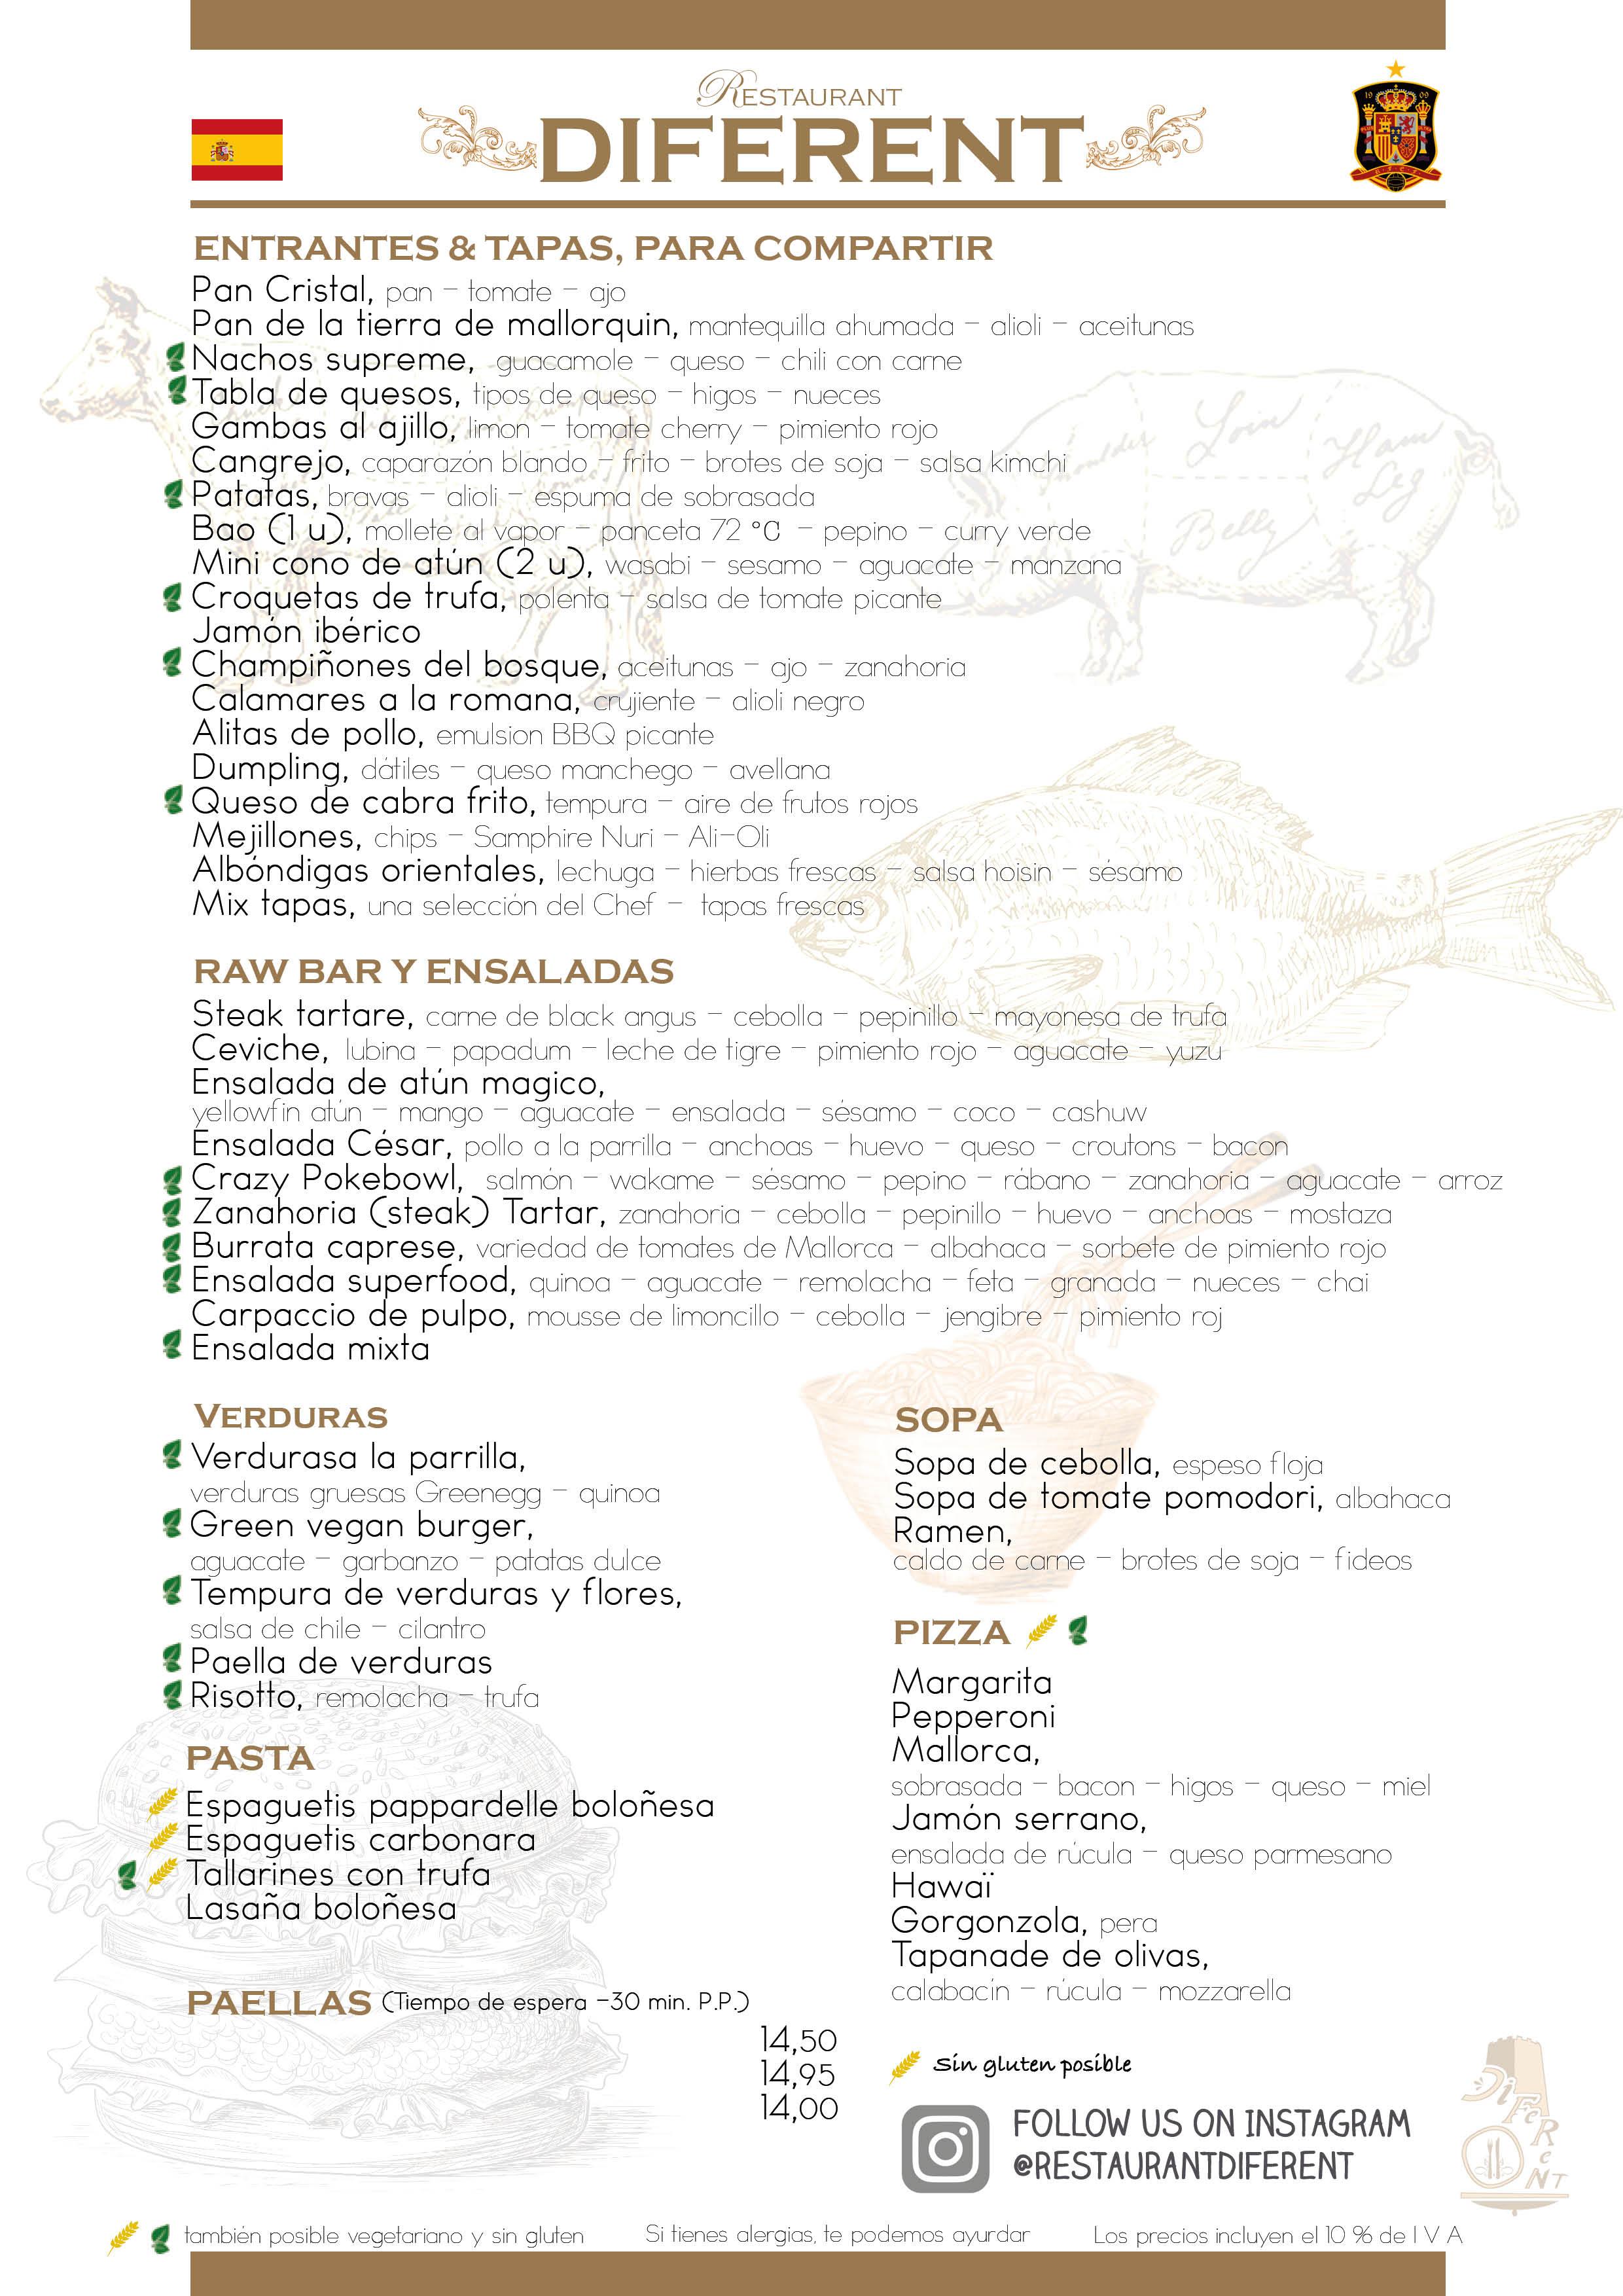 diferent_menu_ES_2019